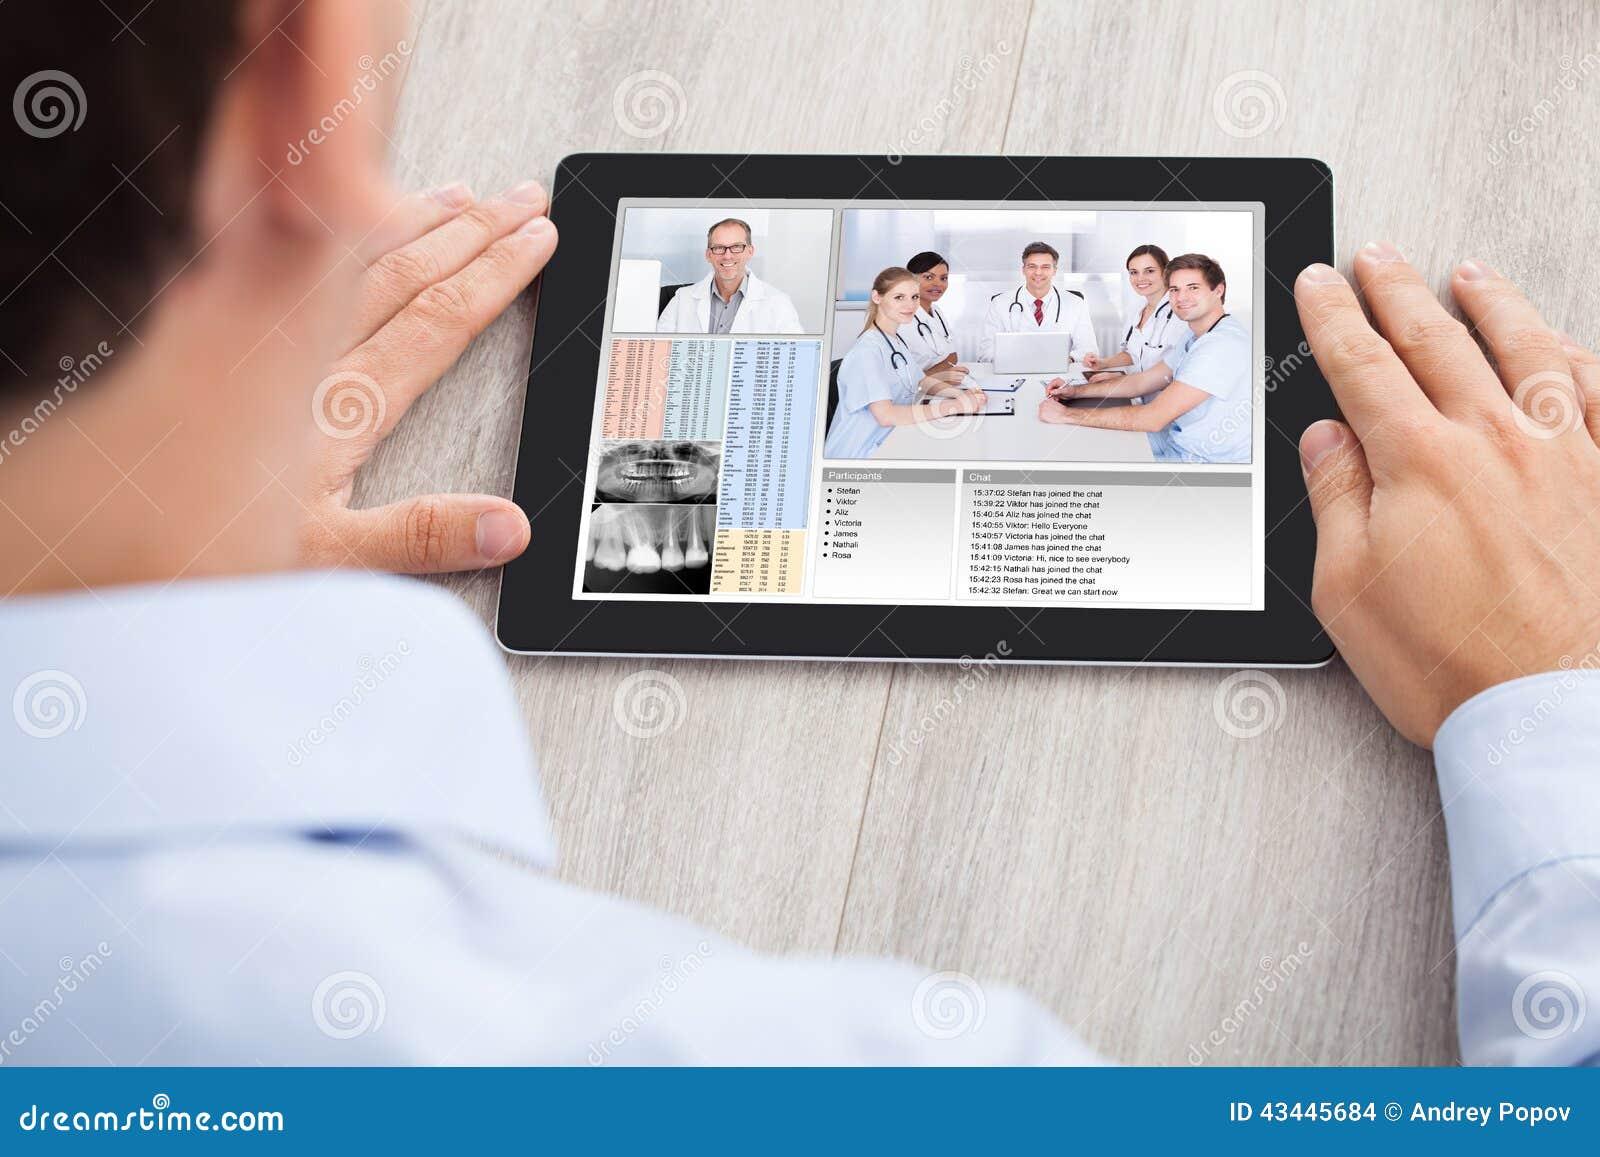 Biznesmen wideo konferencja z zaopatrzeniem medycznym